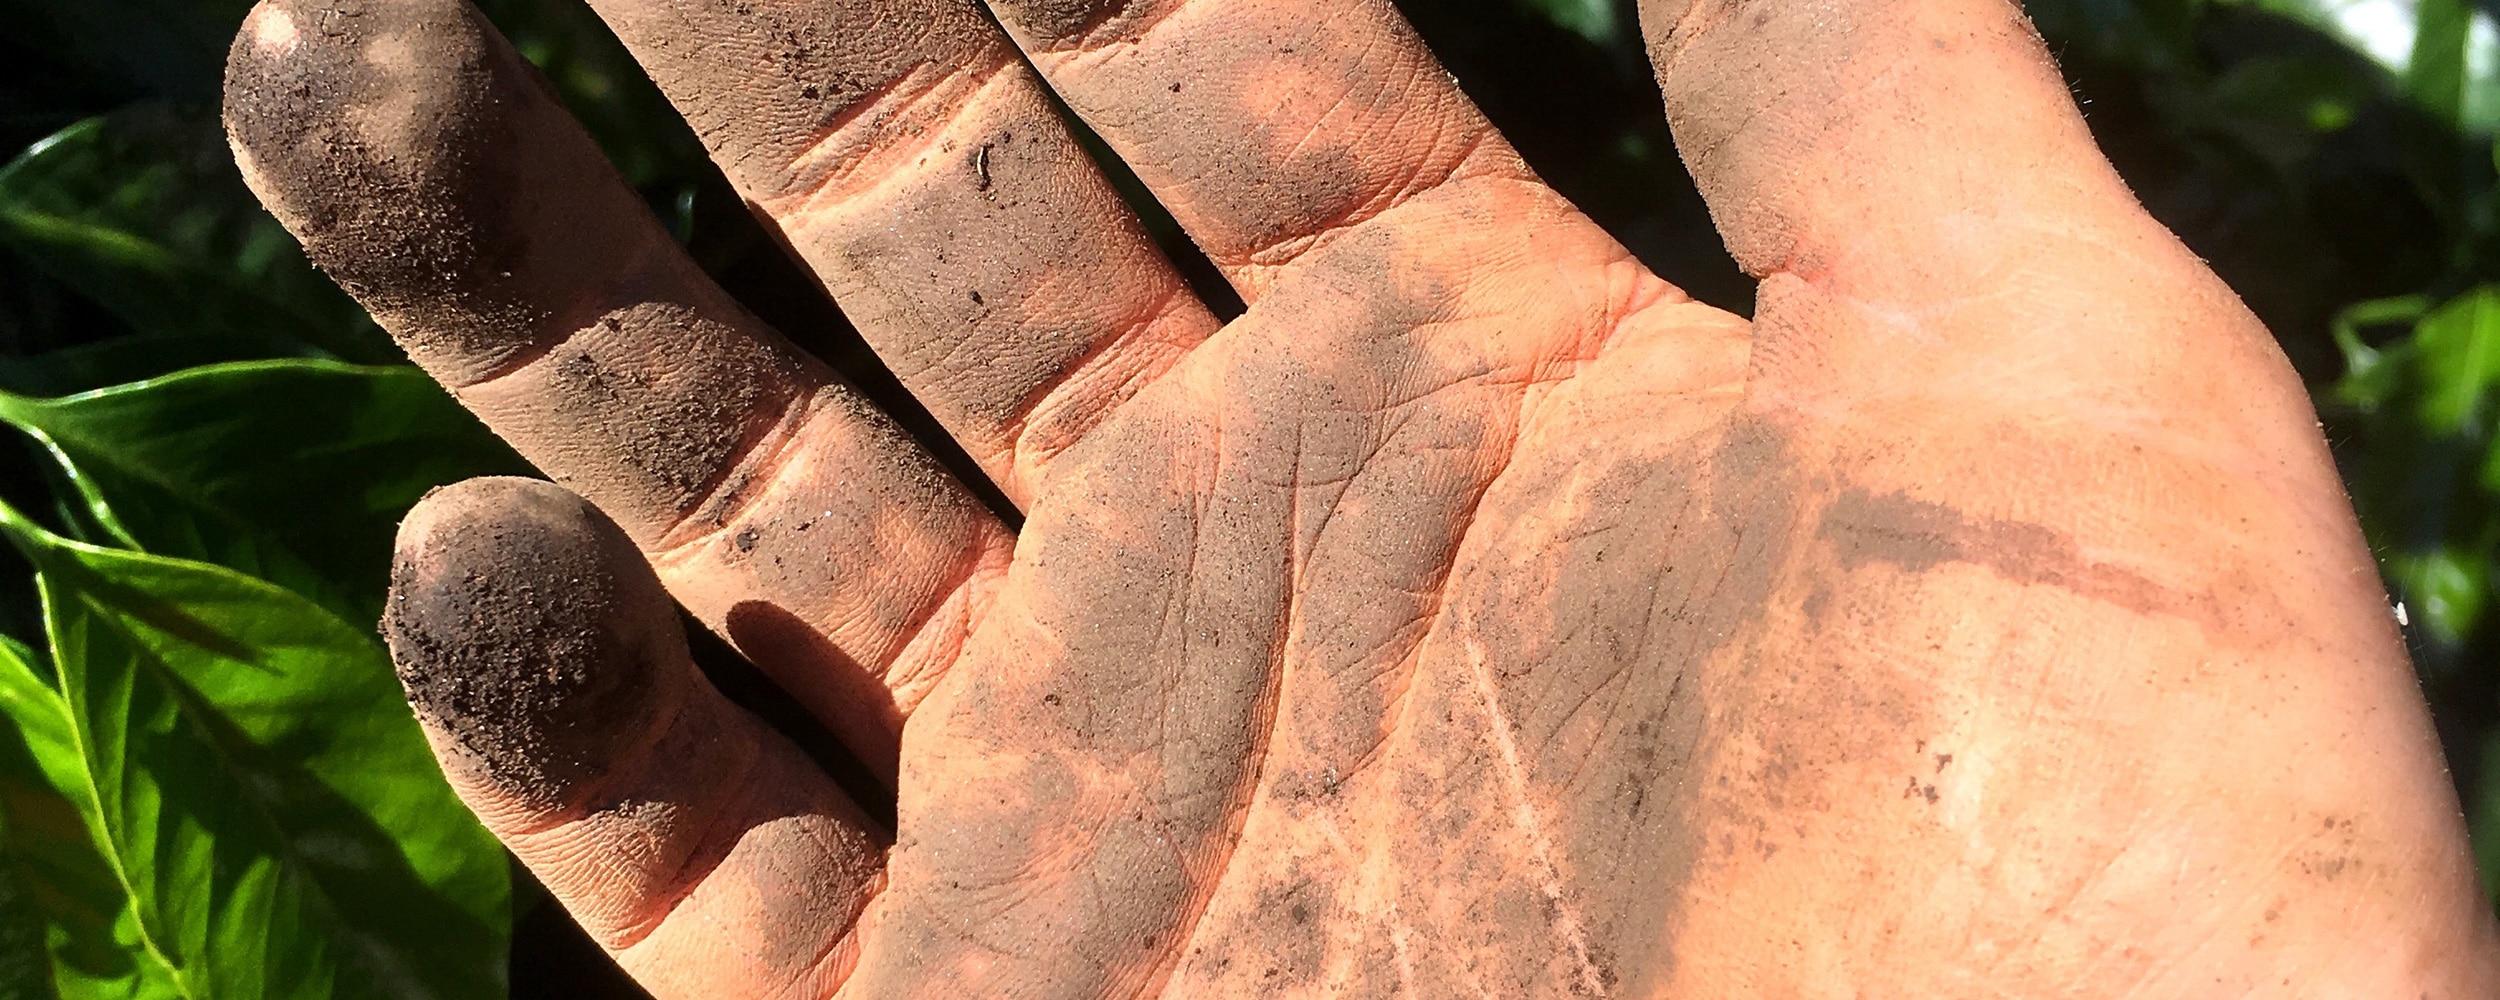 soil-header.jpg